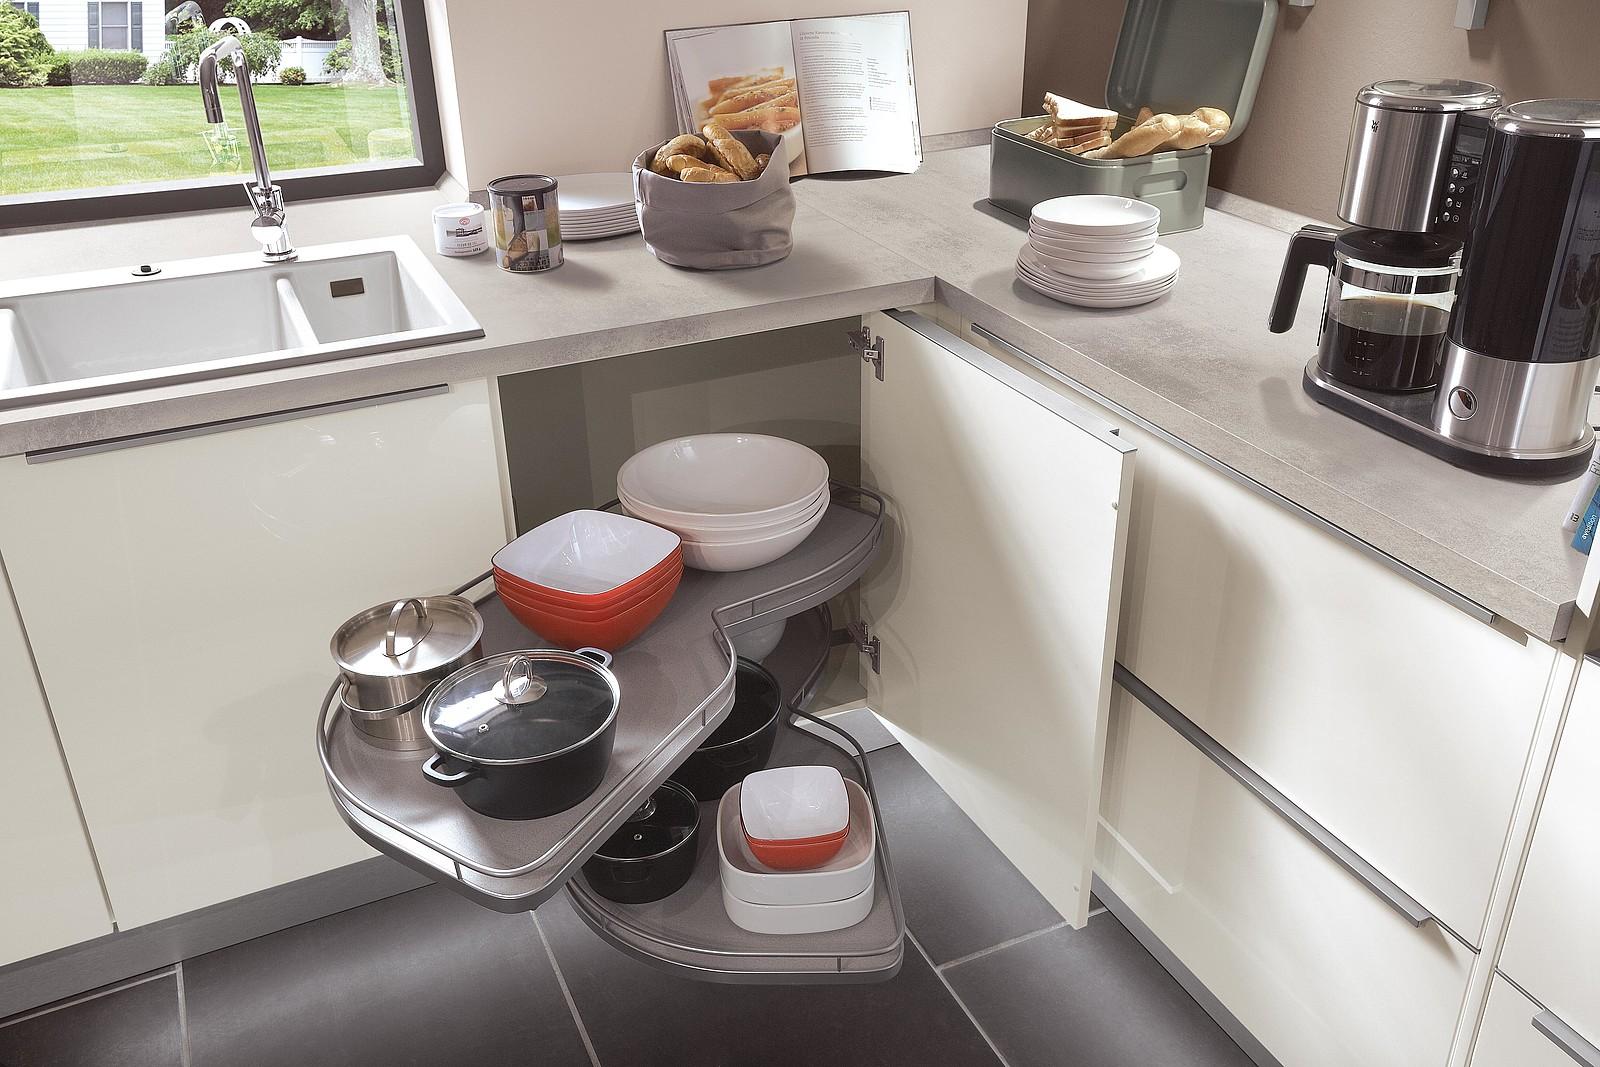 Full Size of Kchenschrank Richtigen Kchenmbel Finden Küche Nobilia Jalousieschrank Einbauküche Wohnzimmer Nobilia Jalousieschrank